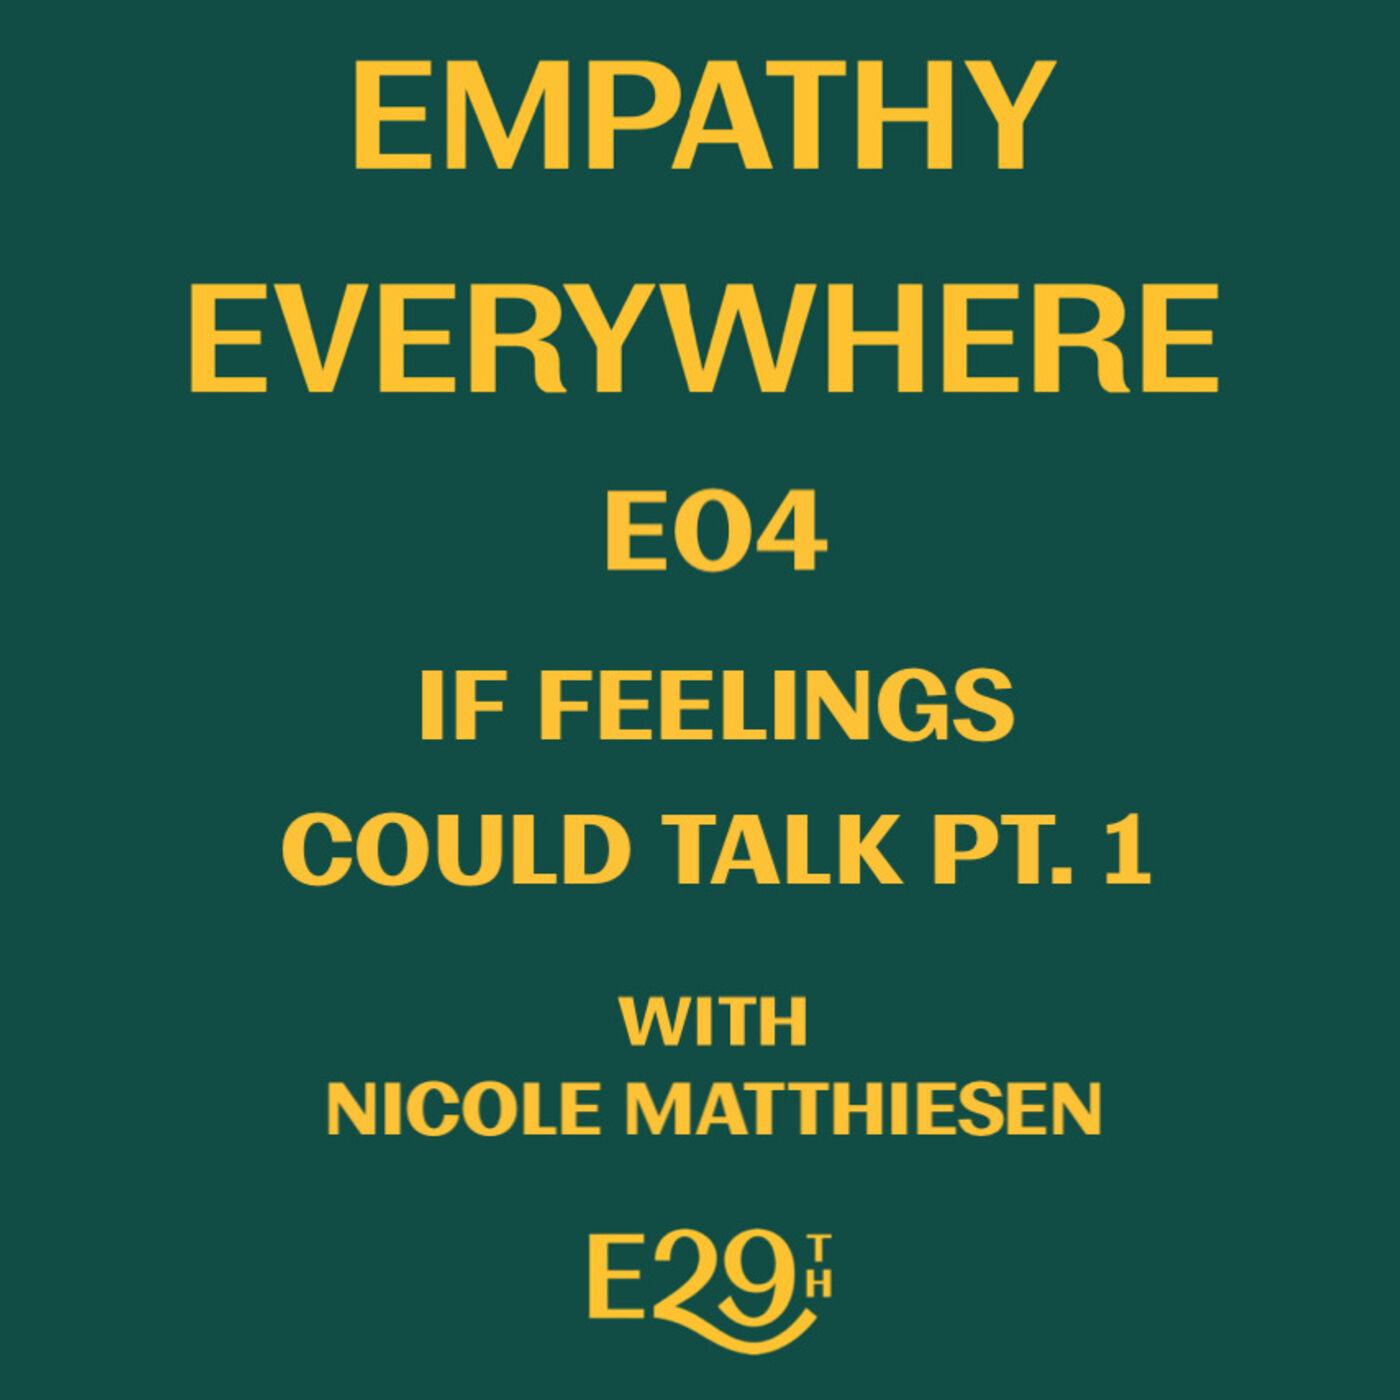 E04 - If Feelings Could Talk Pt. 1